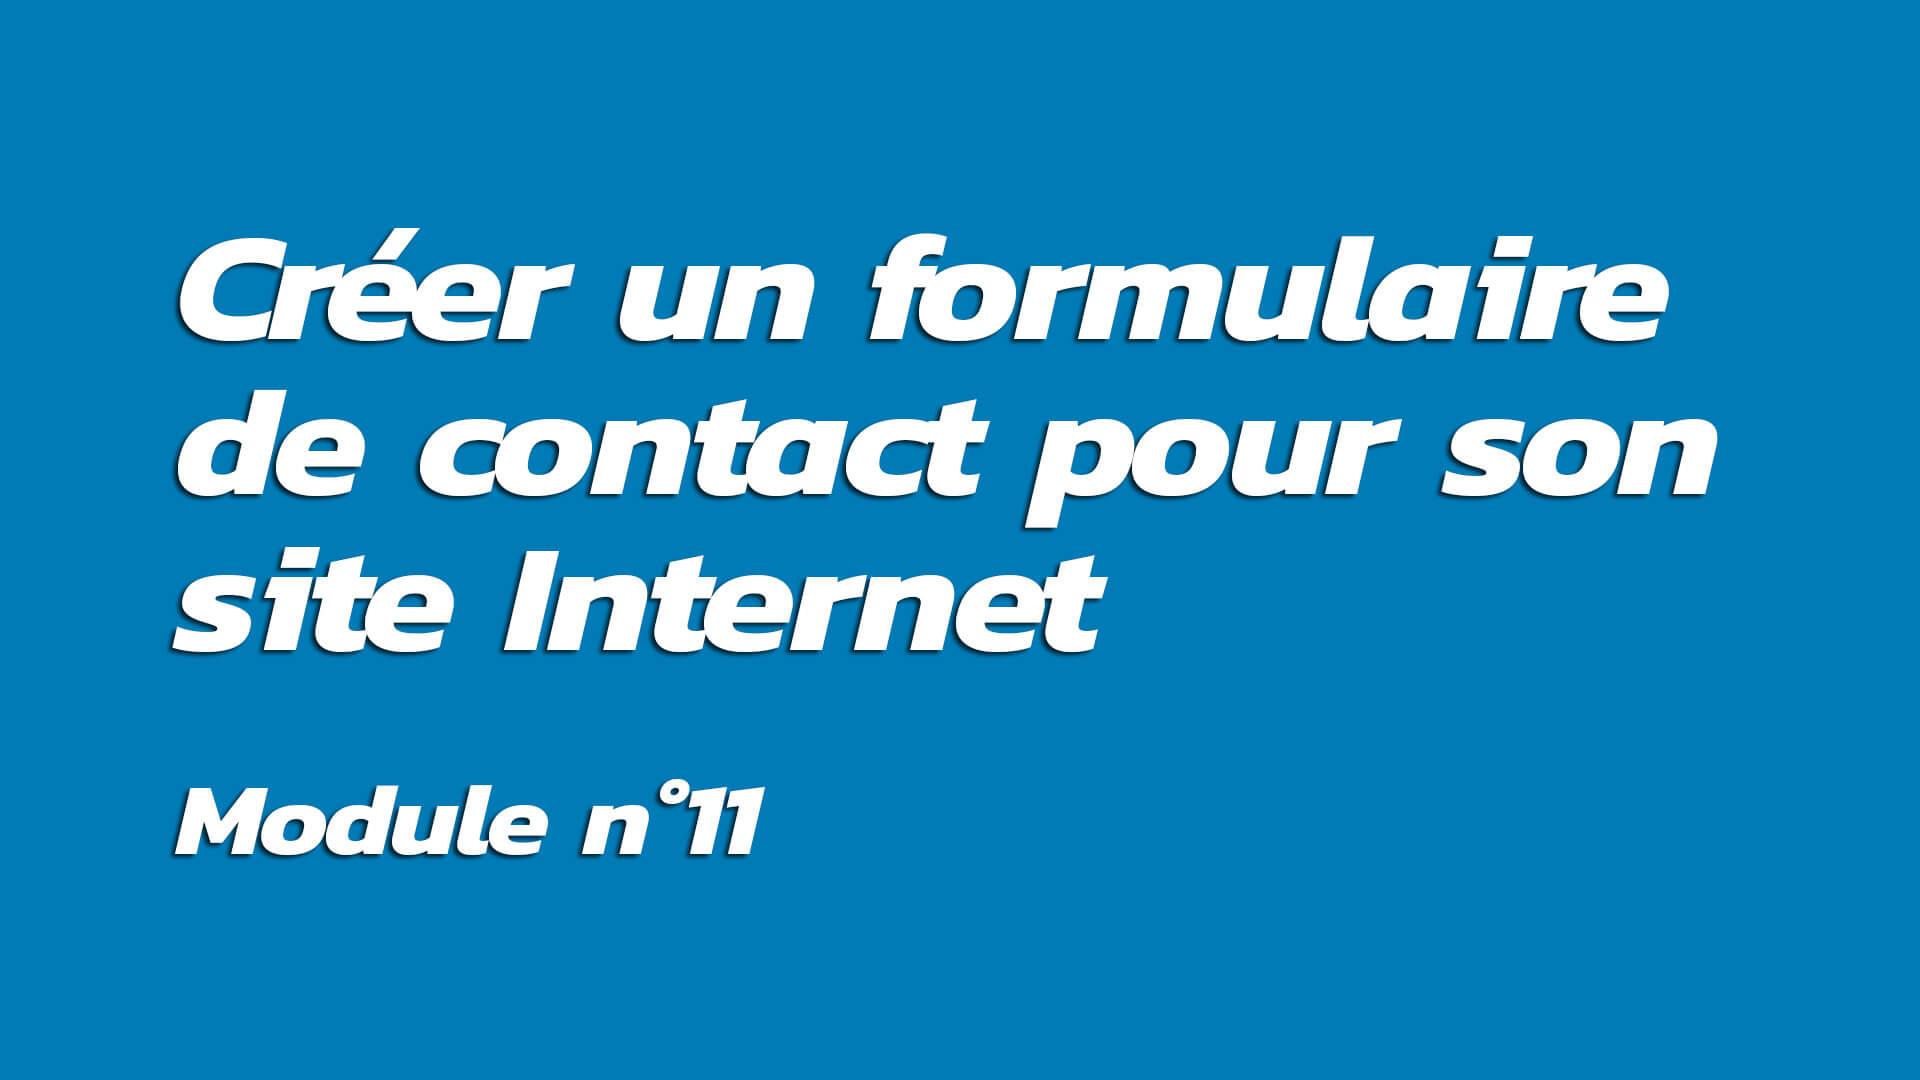 Formation : Créer un formulaire de contact pour son site Internet